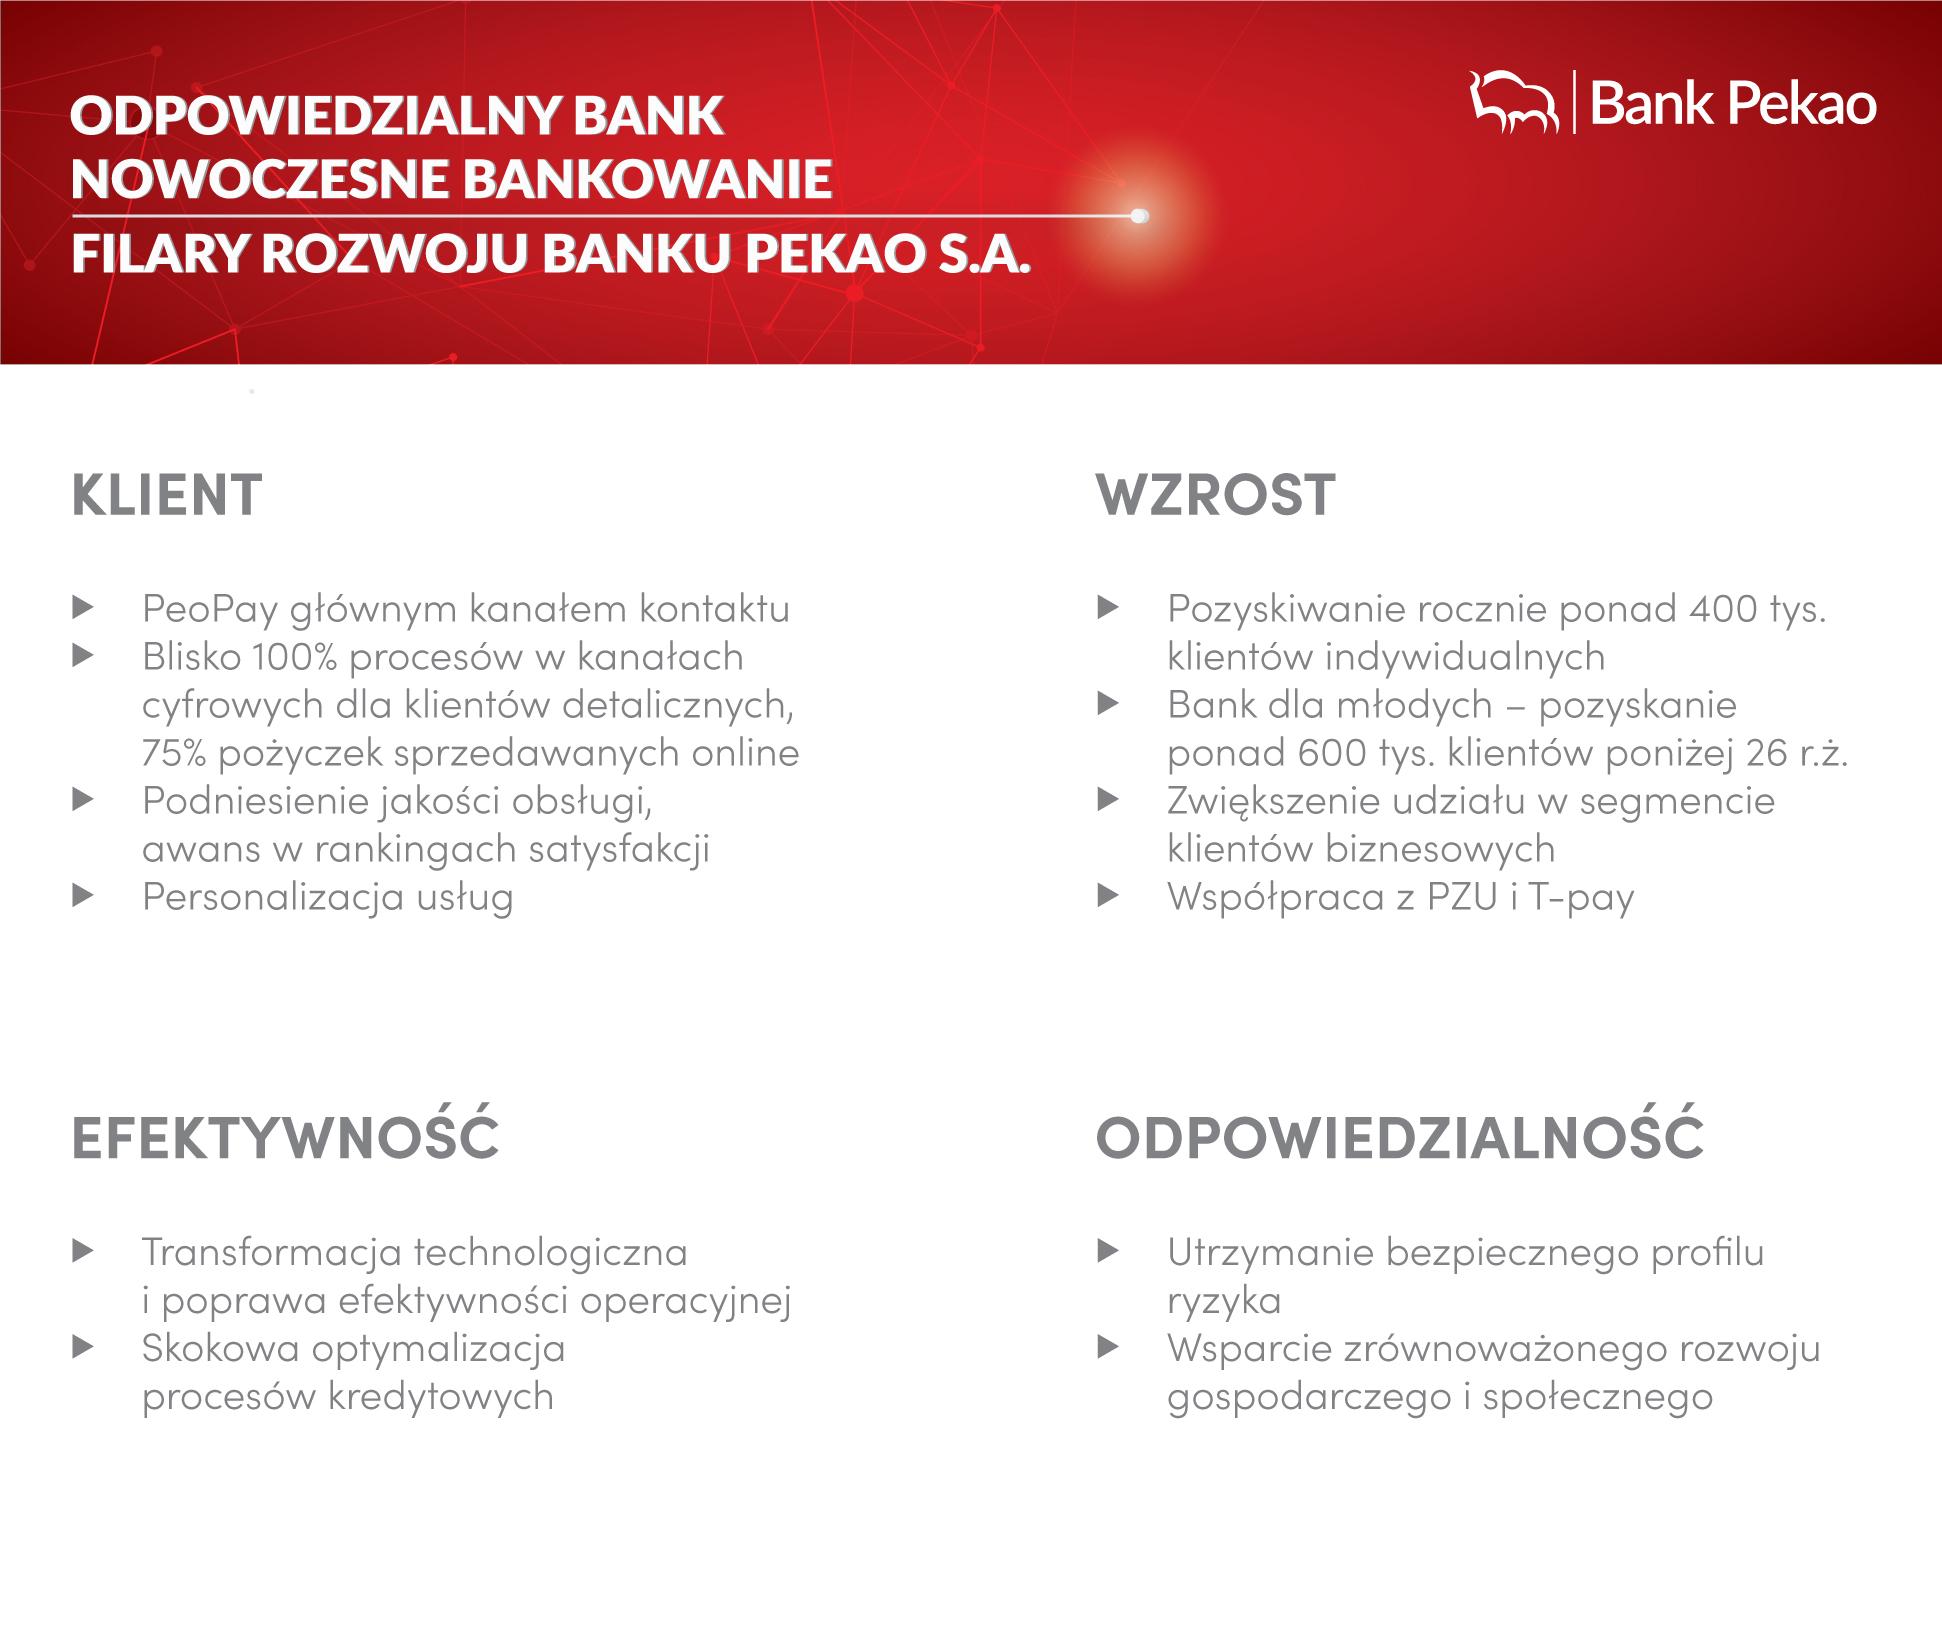 filary rozwoju banku pko s.a. - inforgrafika